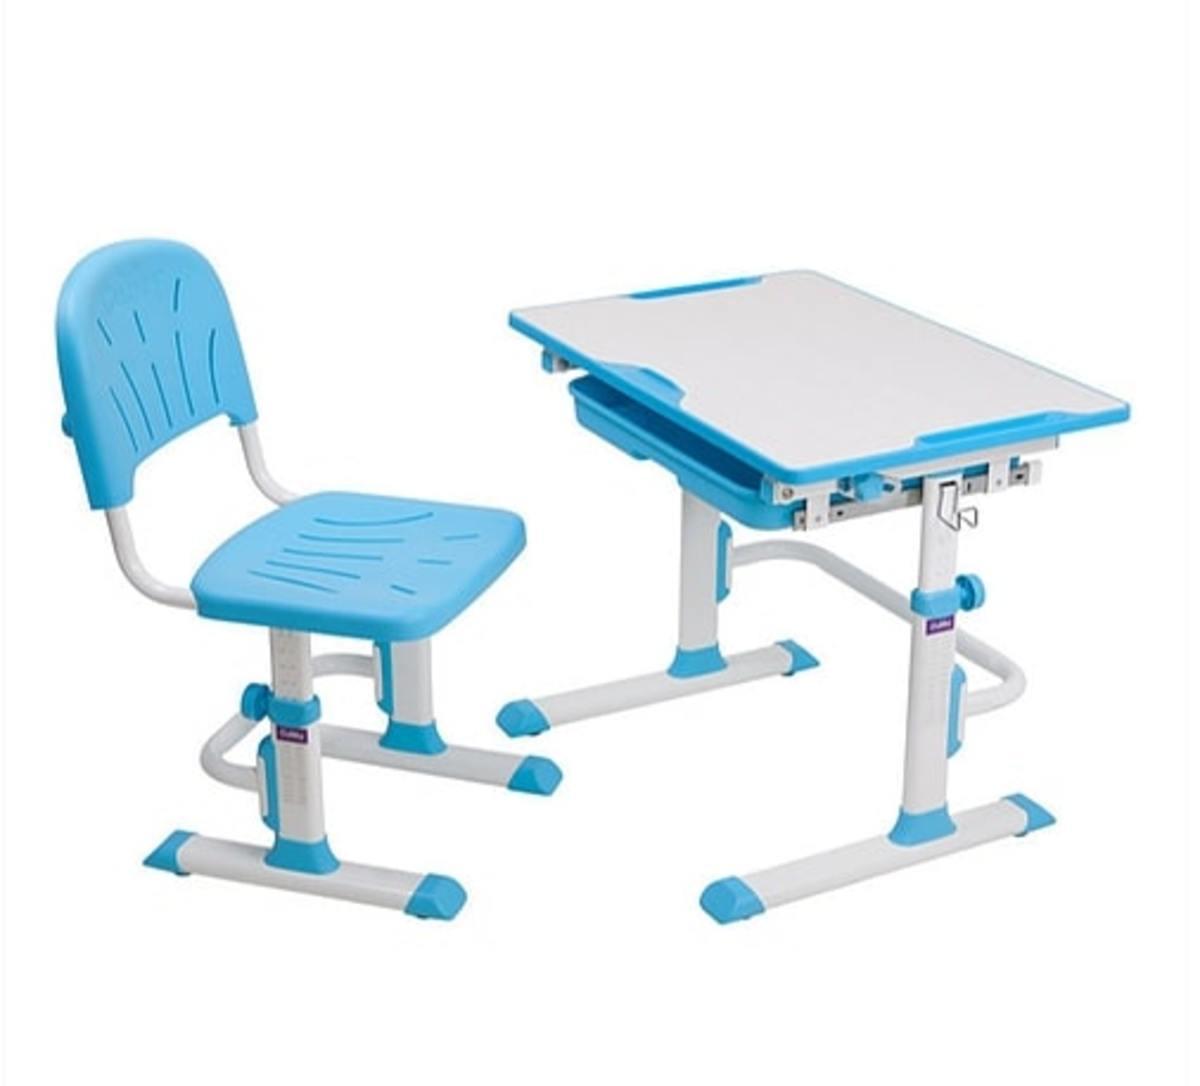 Detský písací stôl + stoličky Cubby Lupin - modrý